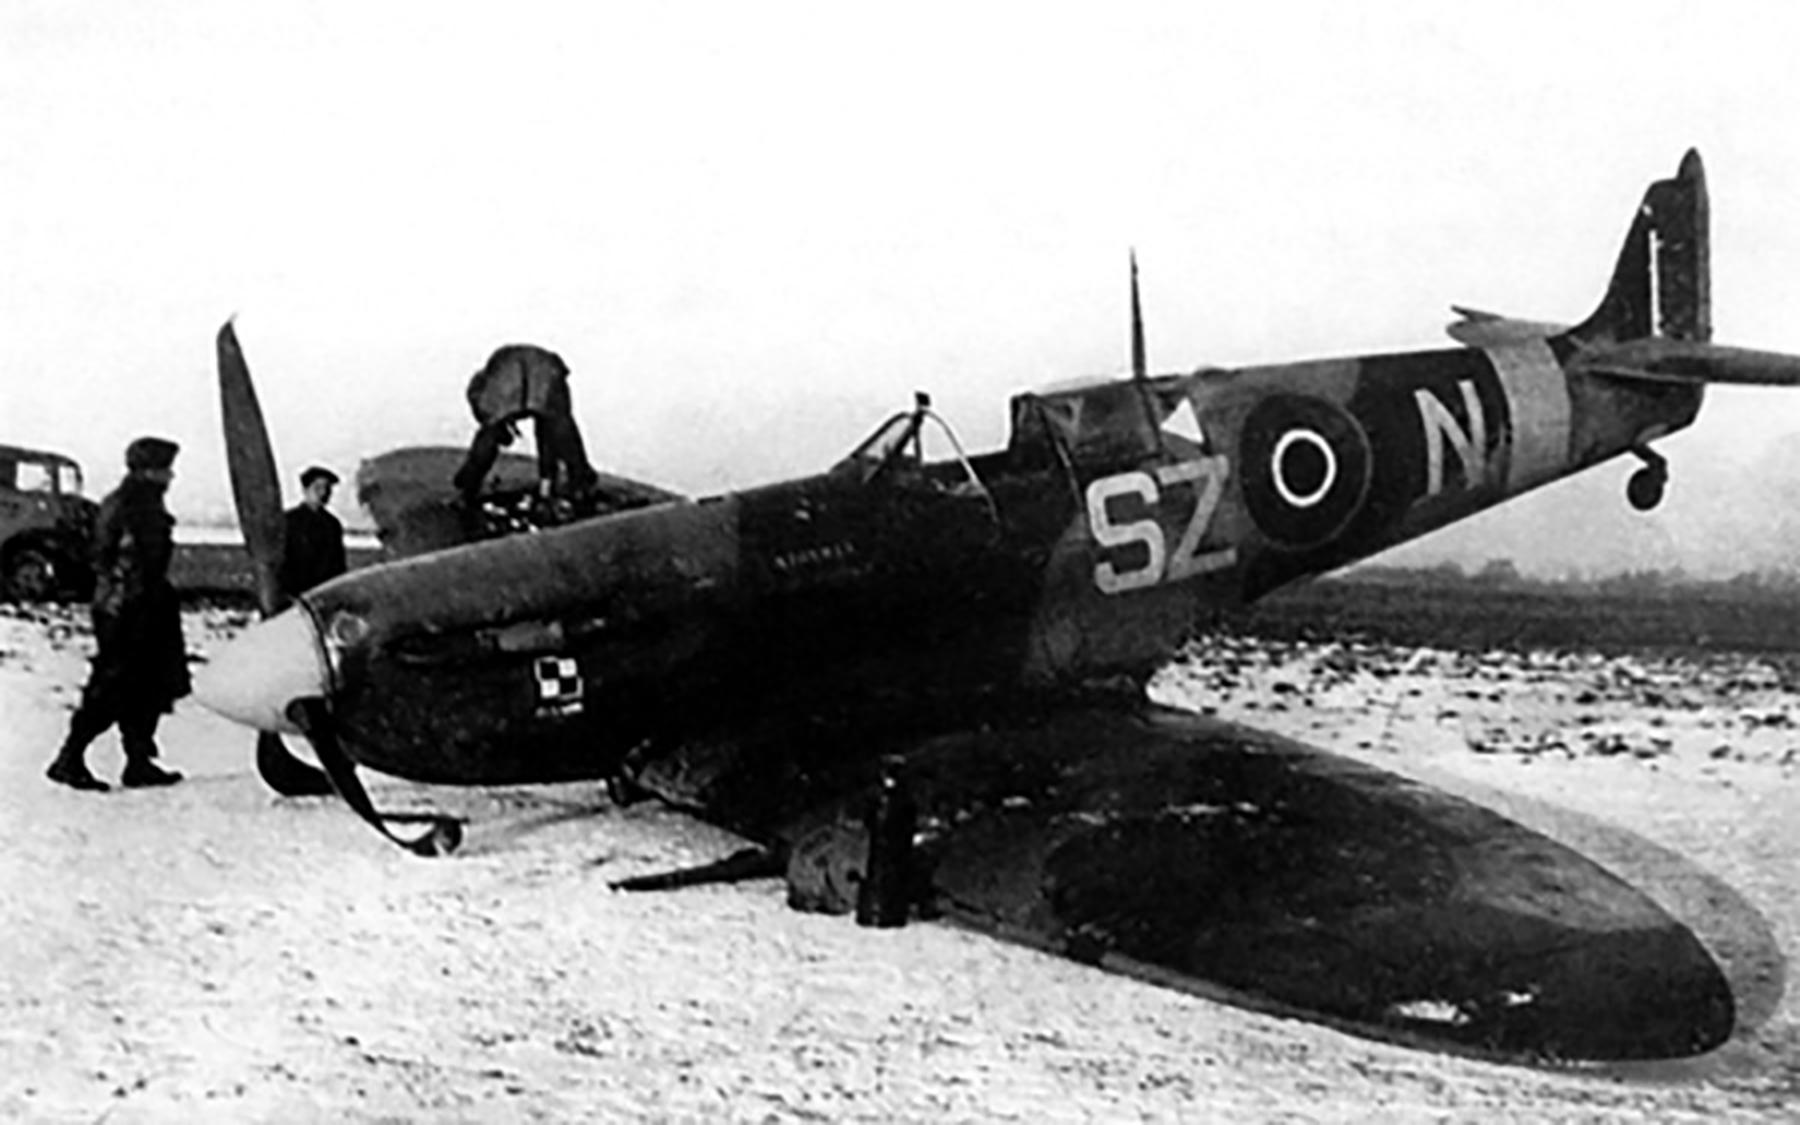 Spitfire RAF 316Sqn SZN Senior Sgt Stefan forced landed Jan 8 1943 01